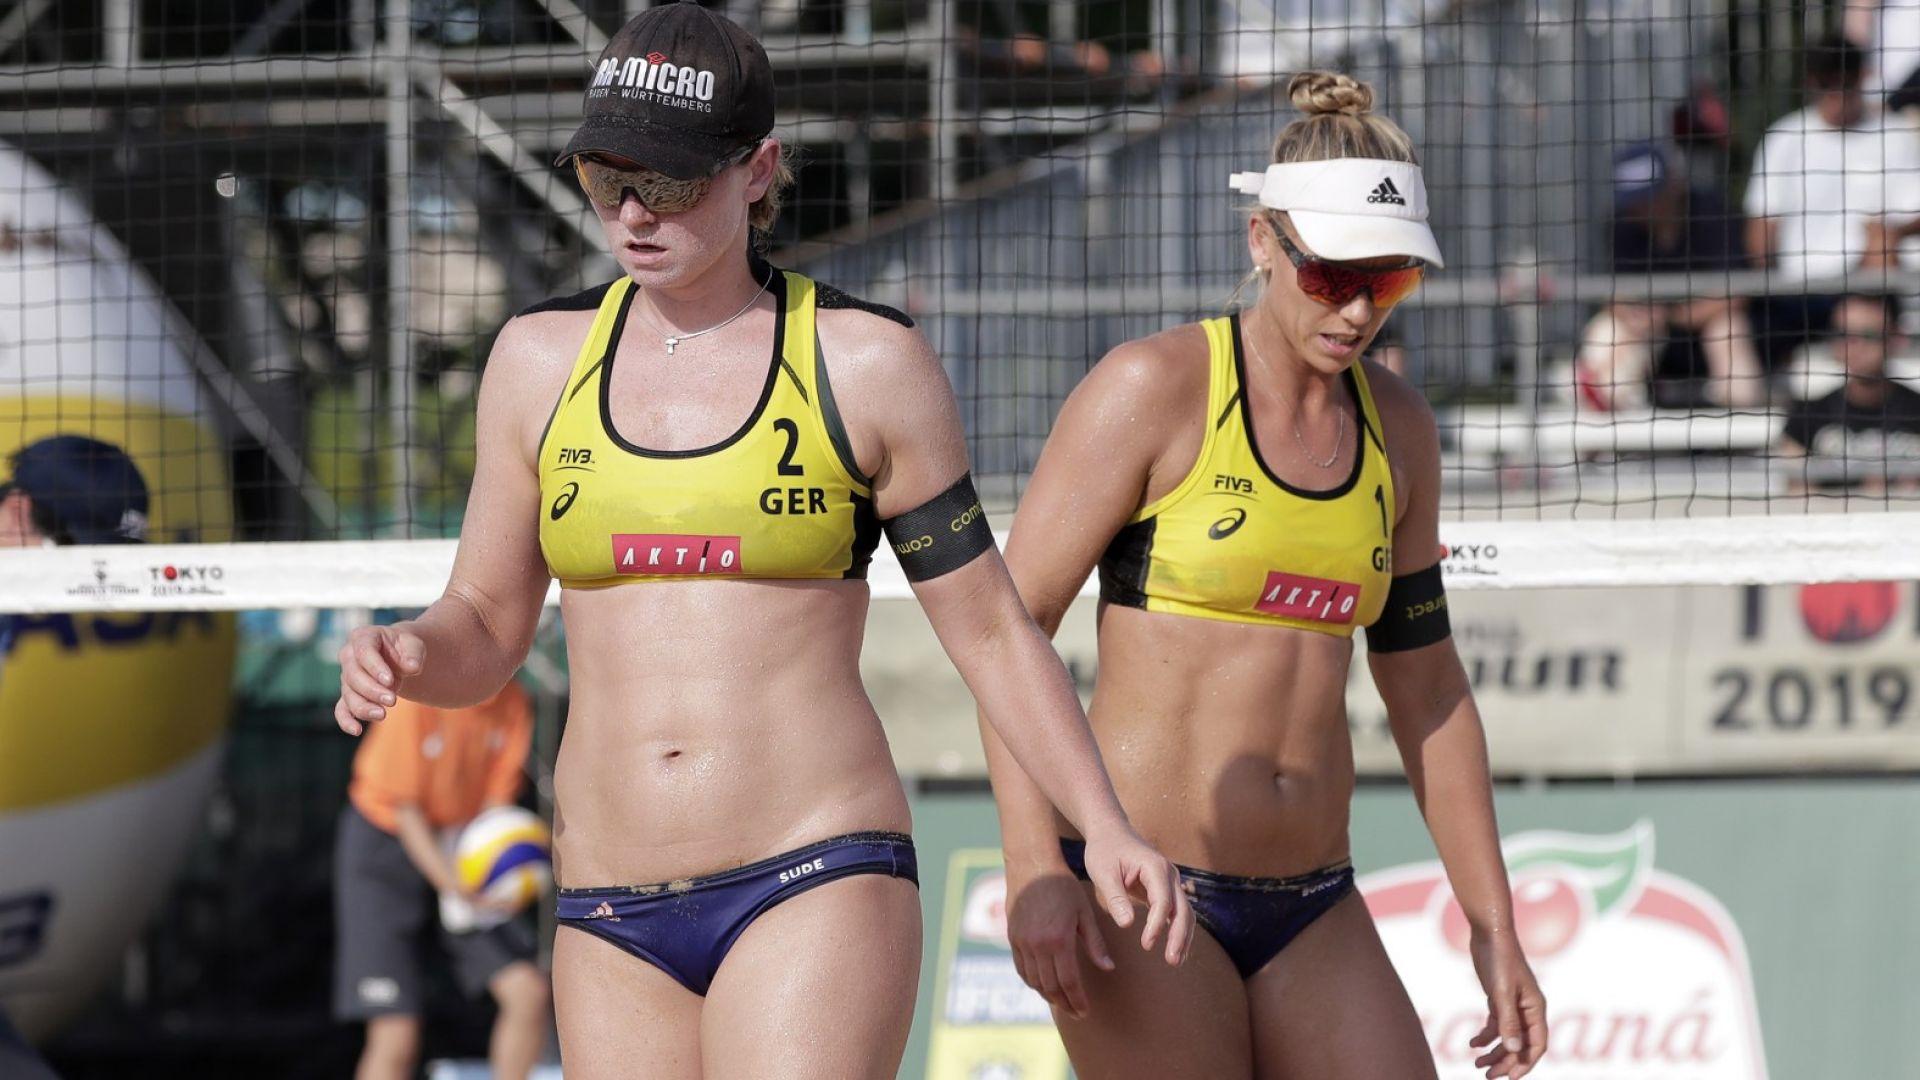 Германски волейболисти бойкотират турнир в Катар заради забраната на бански